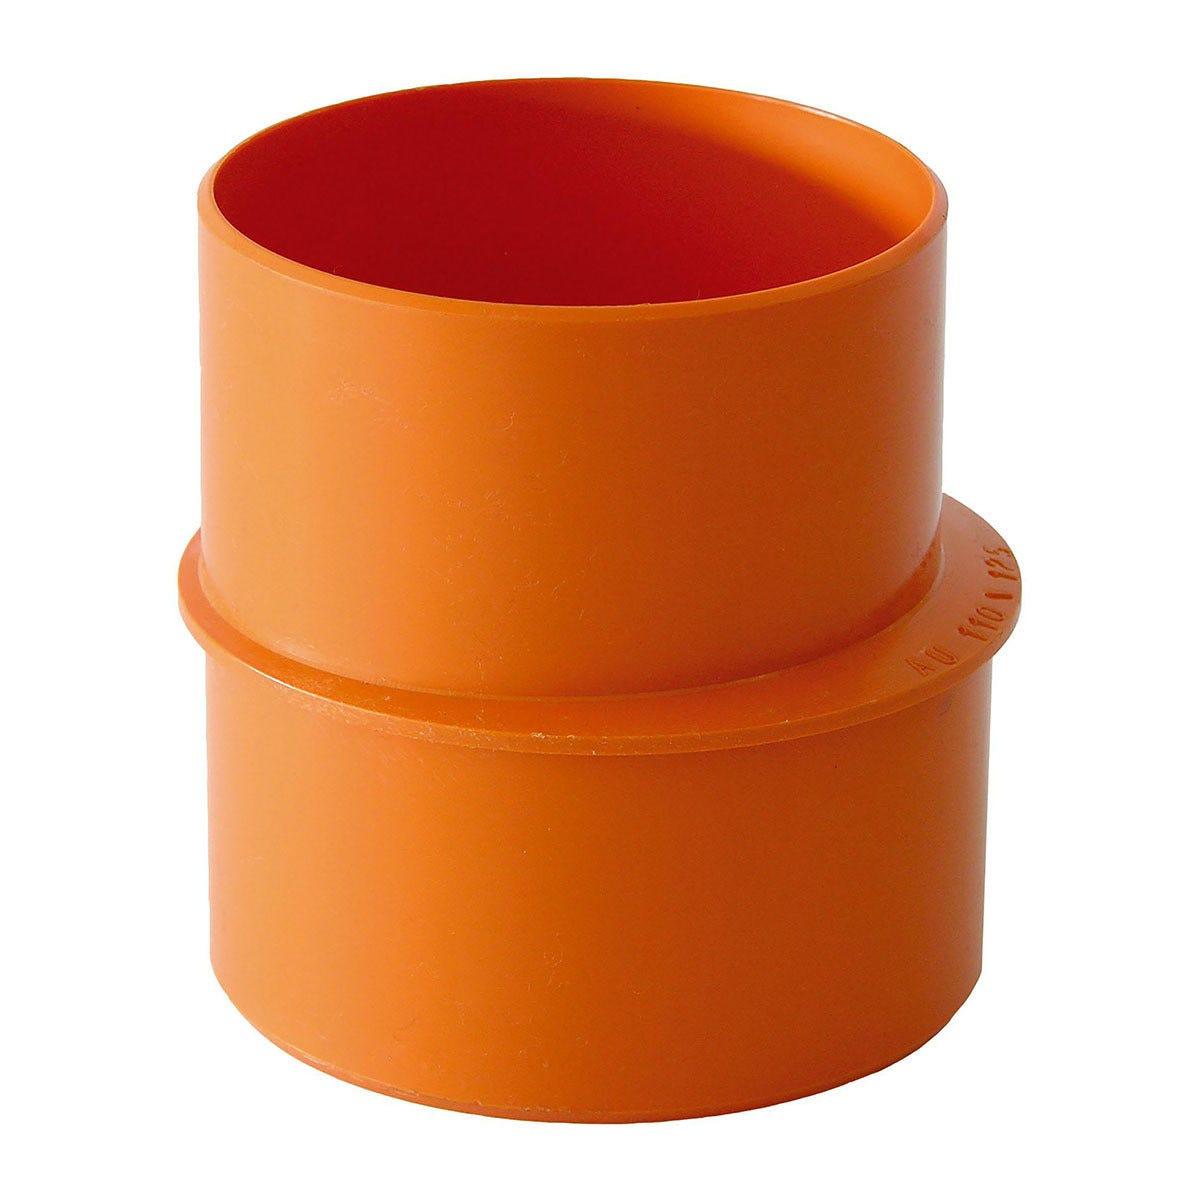 aumento Ø 100x125 mm pvc arancio